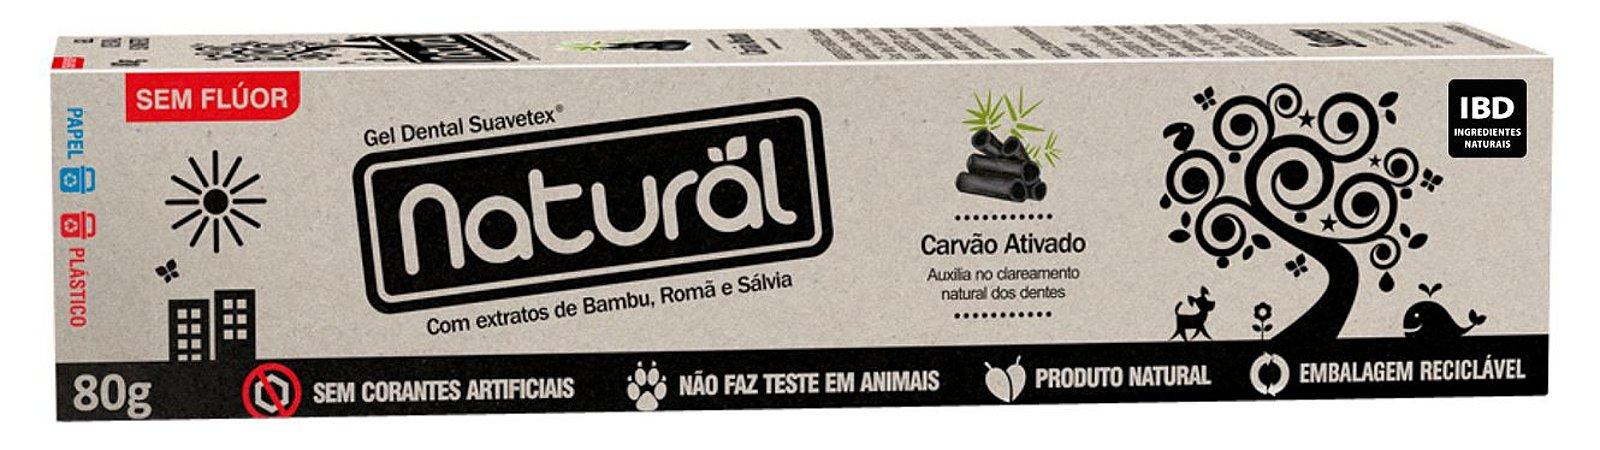 Creme Dental Natural Carvão Ativado com Extratos de Bambu, Romã e Sálvia 80g – Orgânico Natural